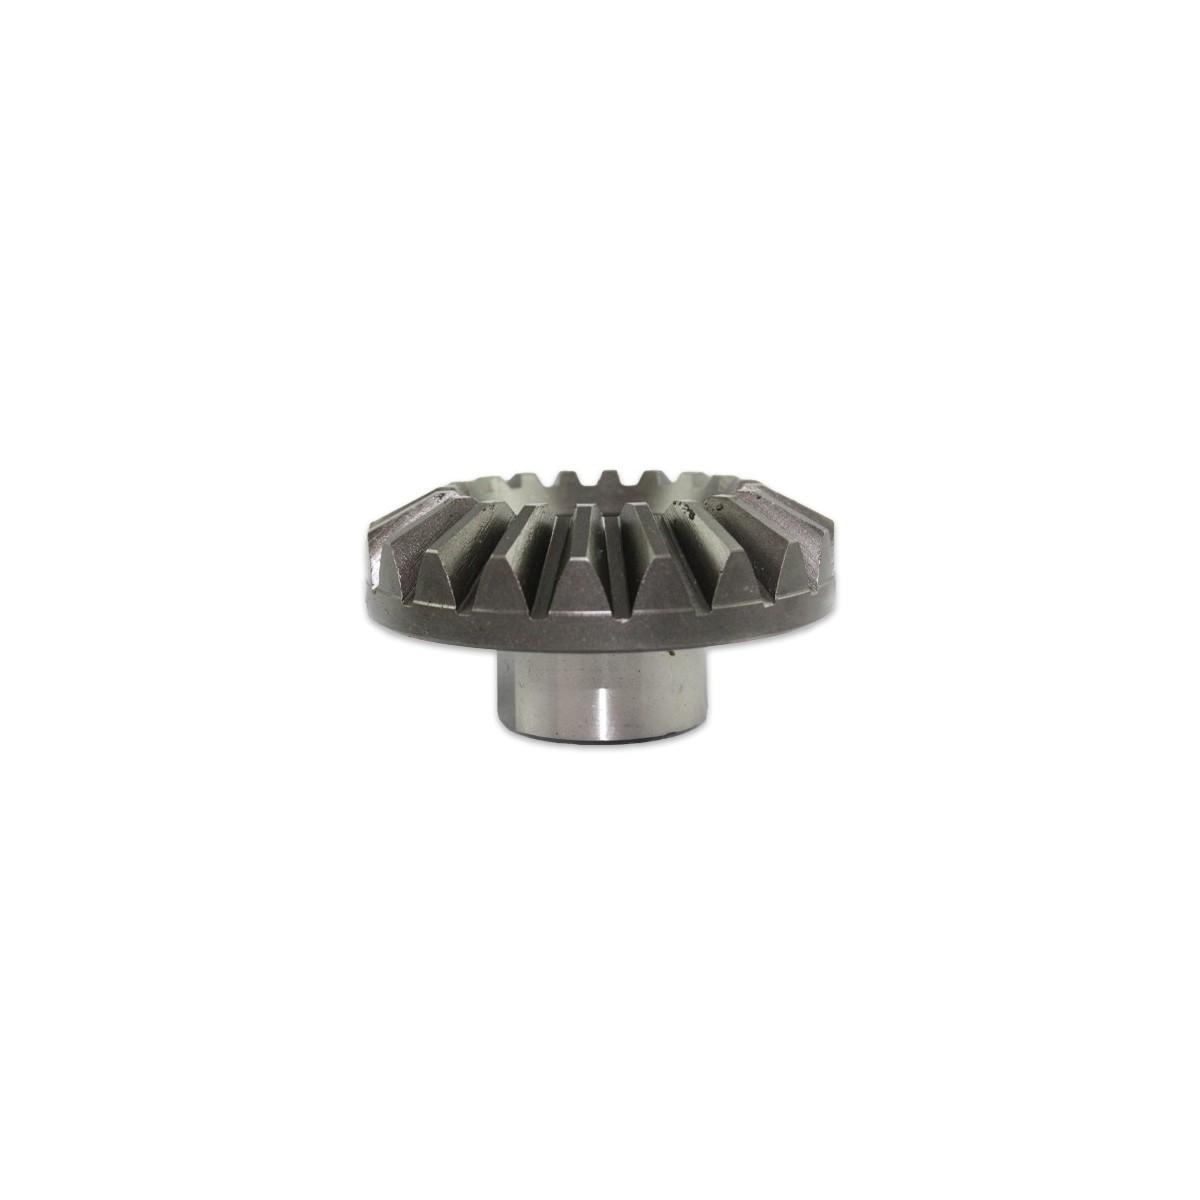 Gear Diff. Big-High w/o Hole 20T-22T Kubota L01 L02